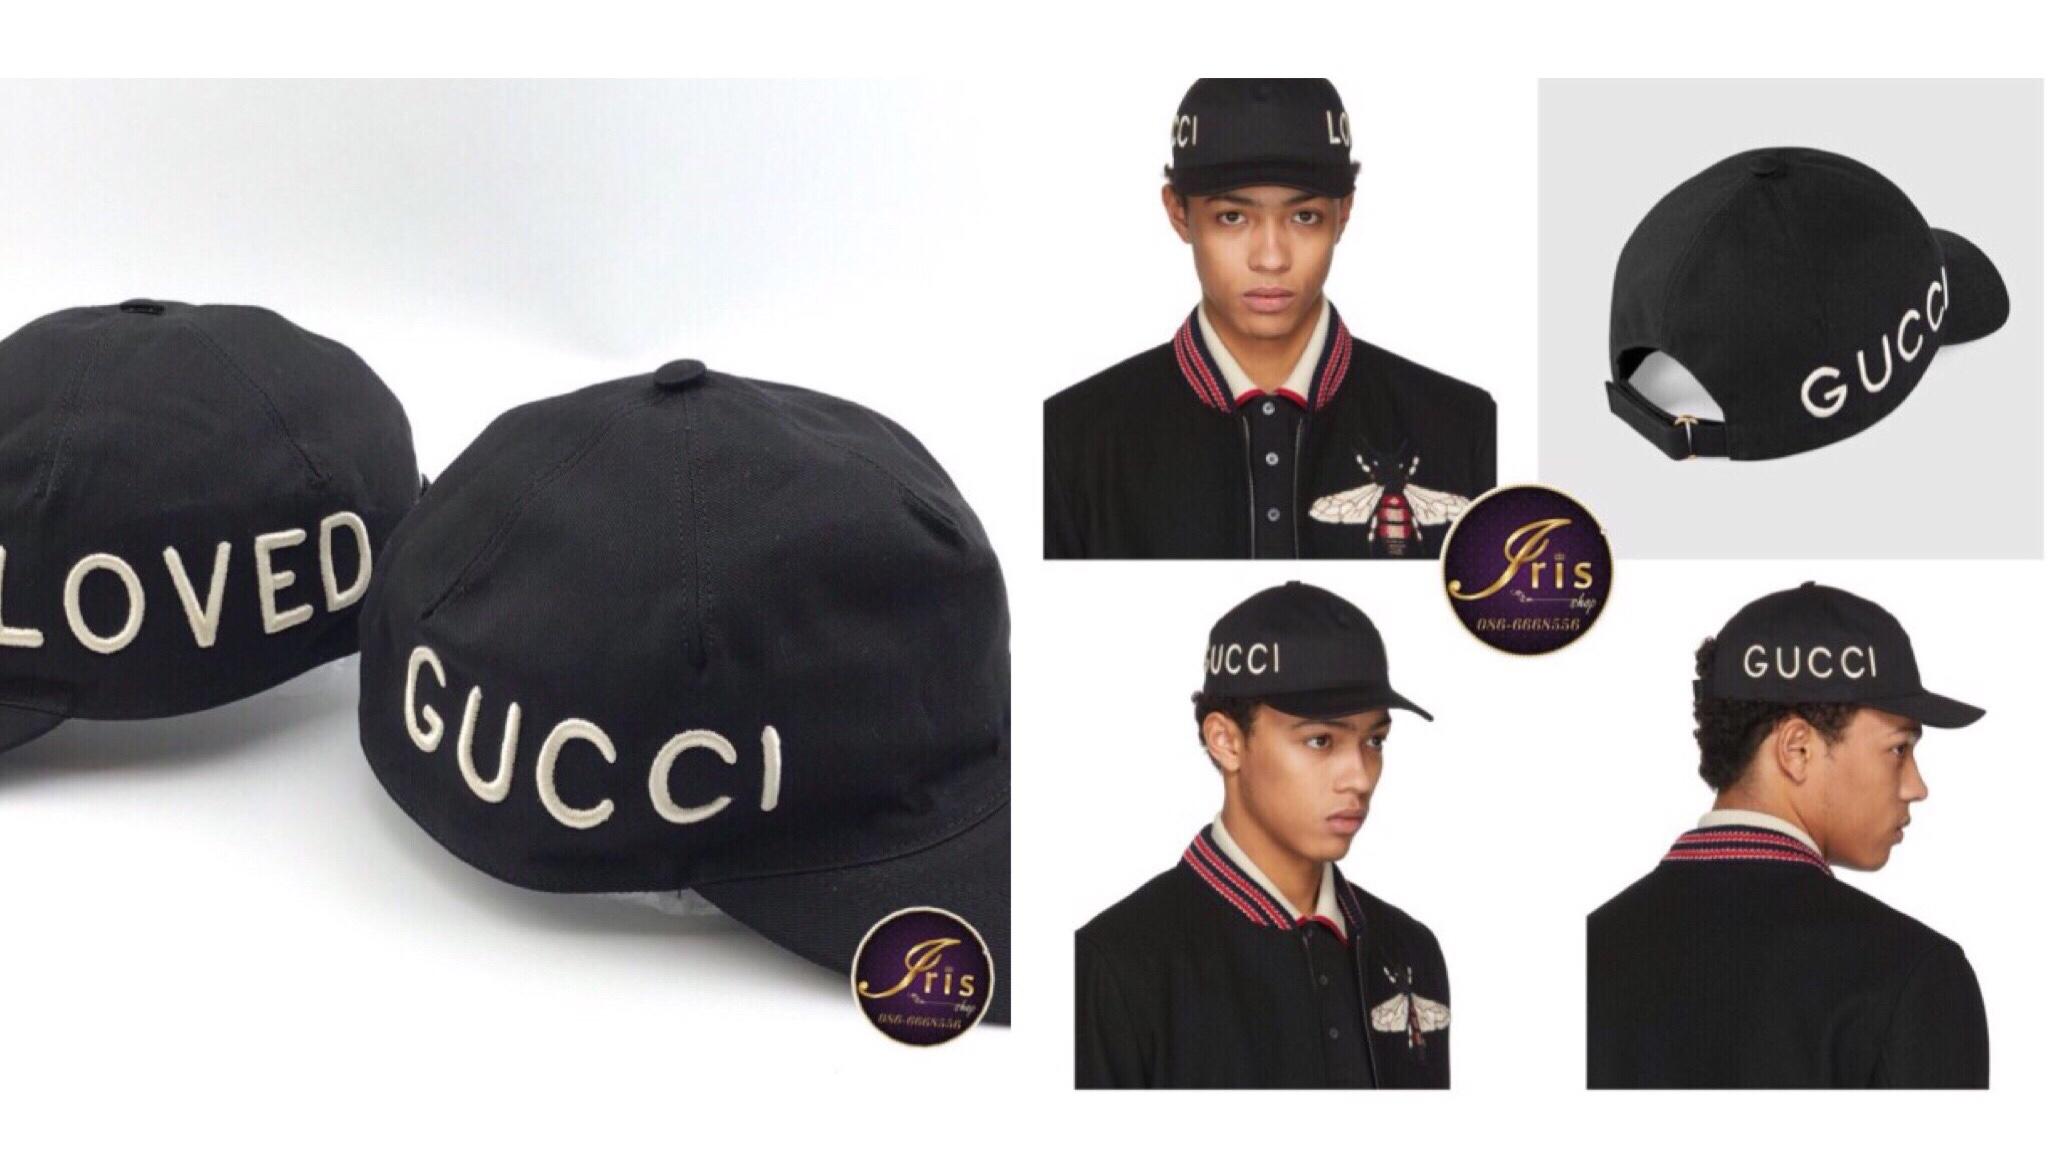 หมวก GUCCI CAP เท่ๆ ปักอักษรทั้งสองด้าน ของใหม่ พร้อมส่ง!!! - Iris Shop 0759695c0dbd